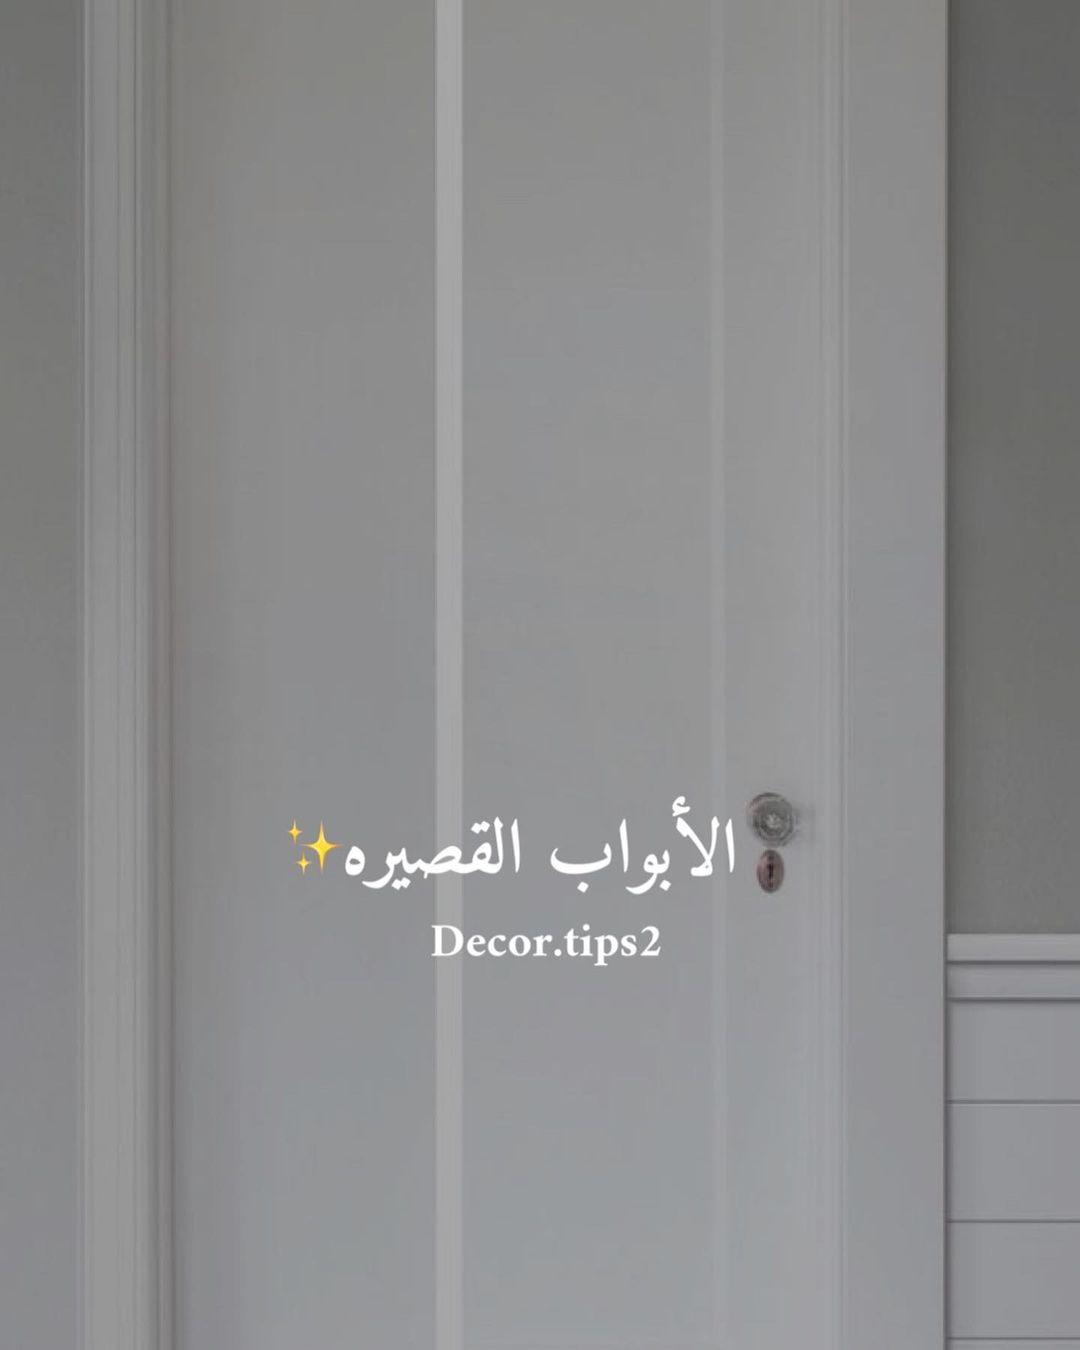 .  و الاجمل يكون من نفس خشب الباب ونفس اللون .. ،     .  . . . .                …